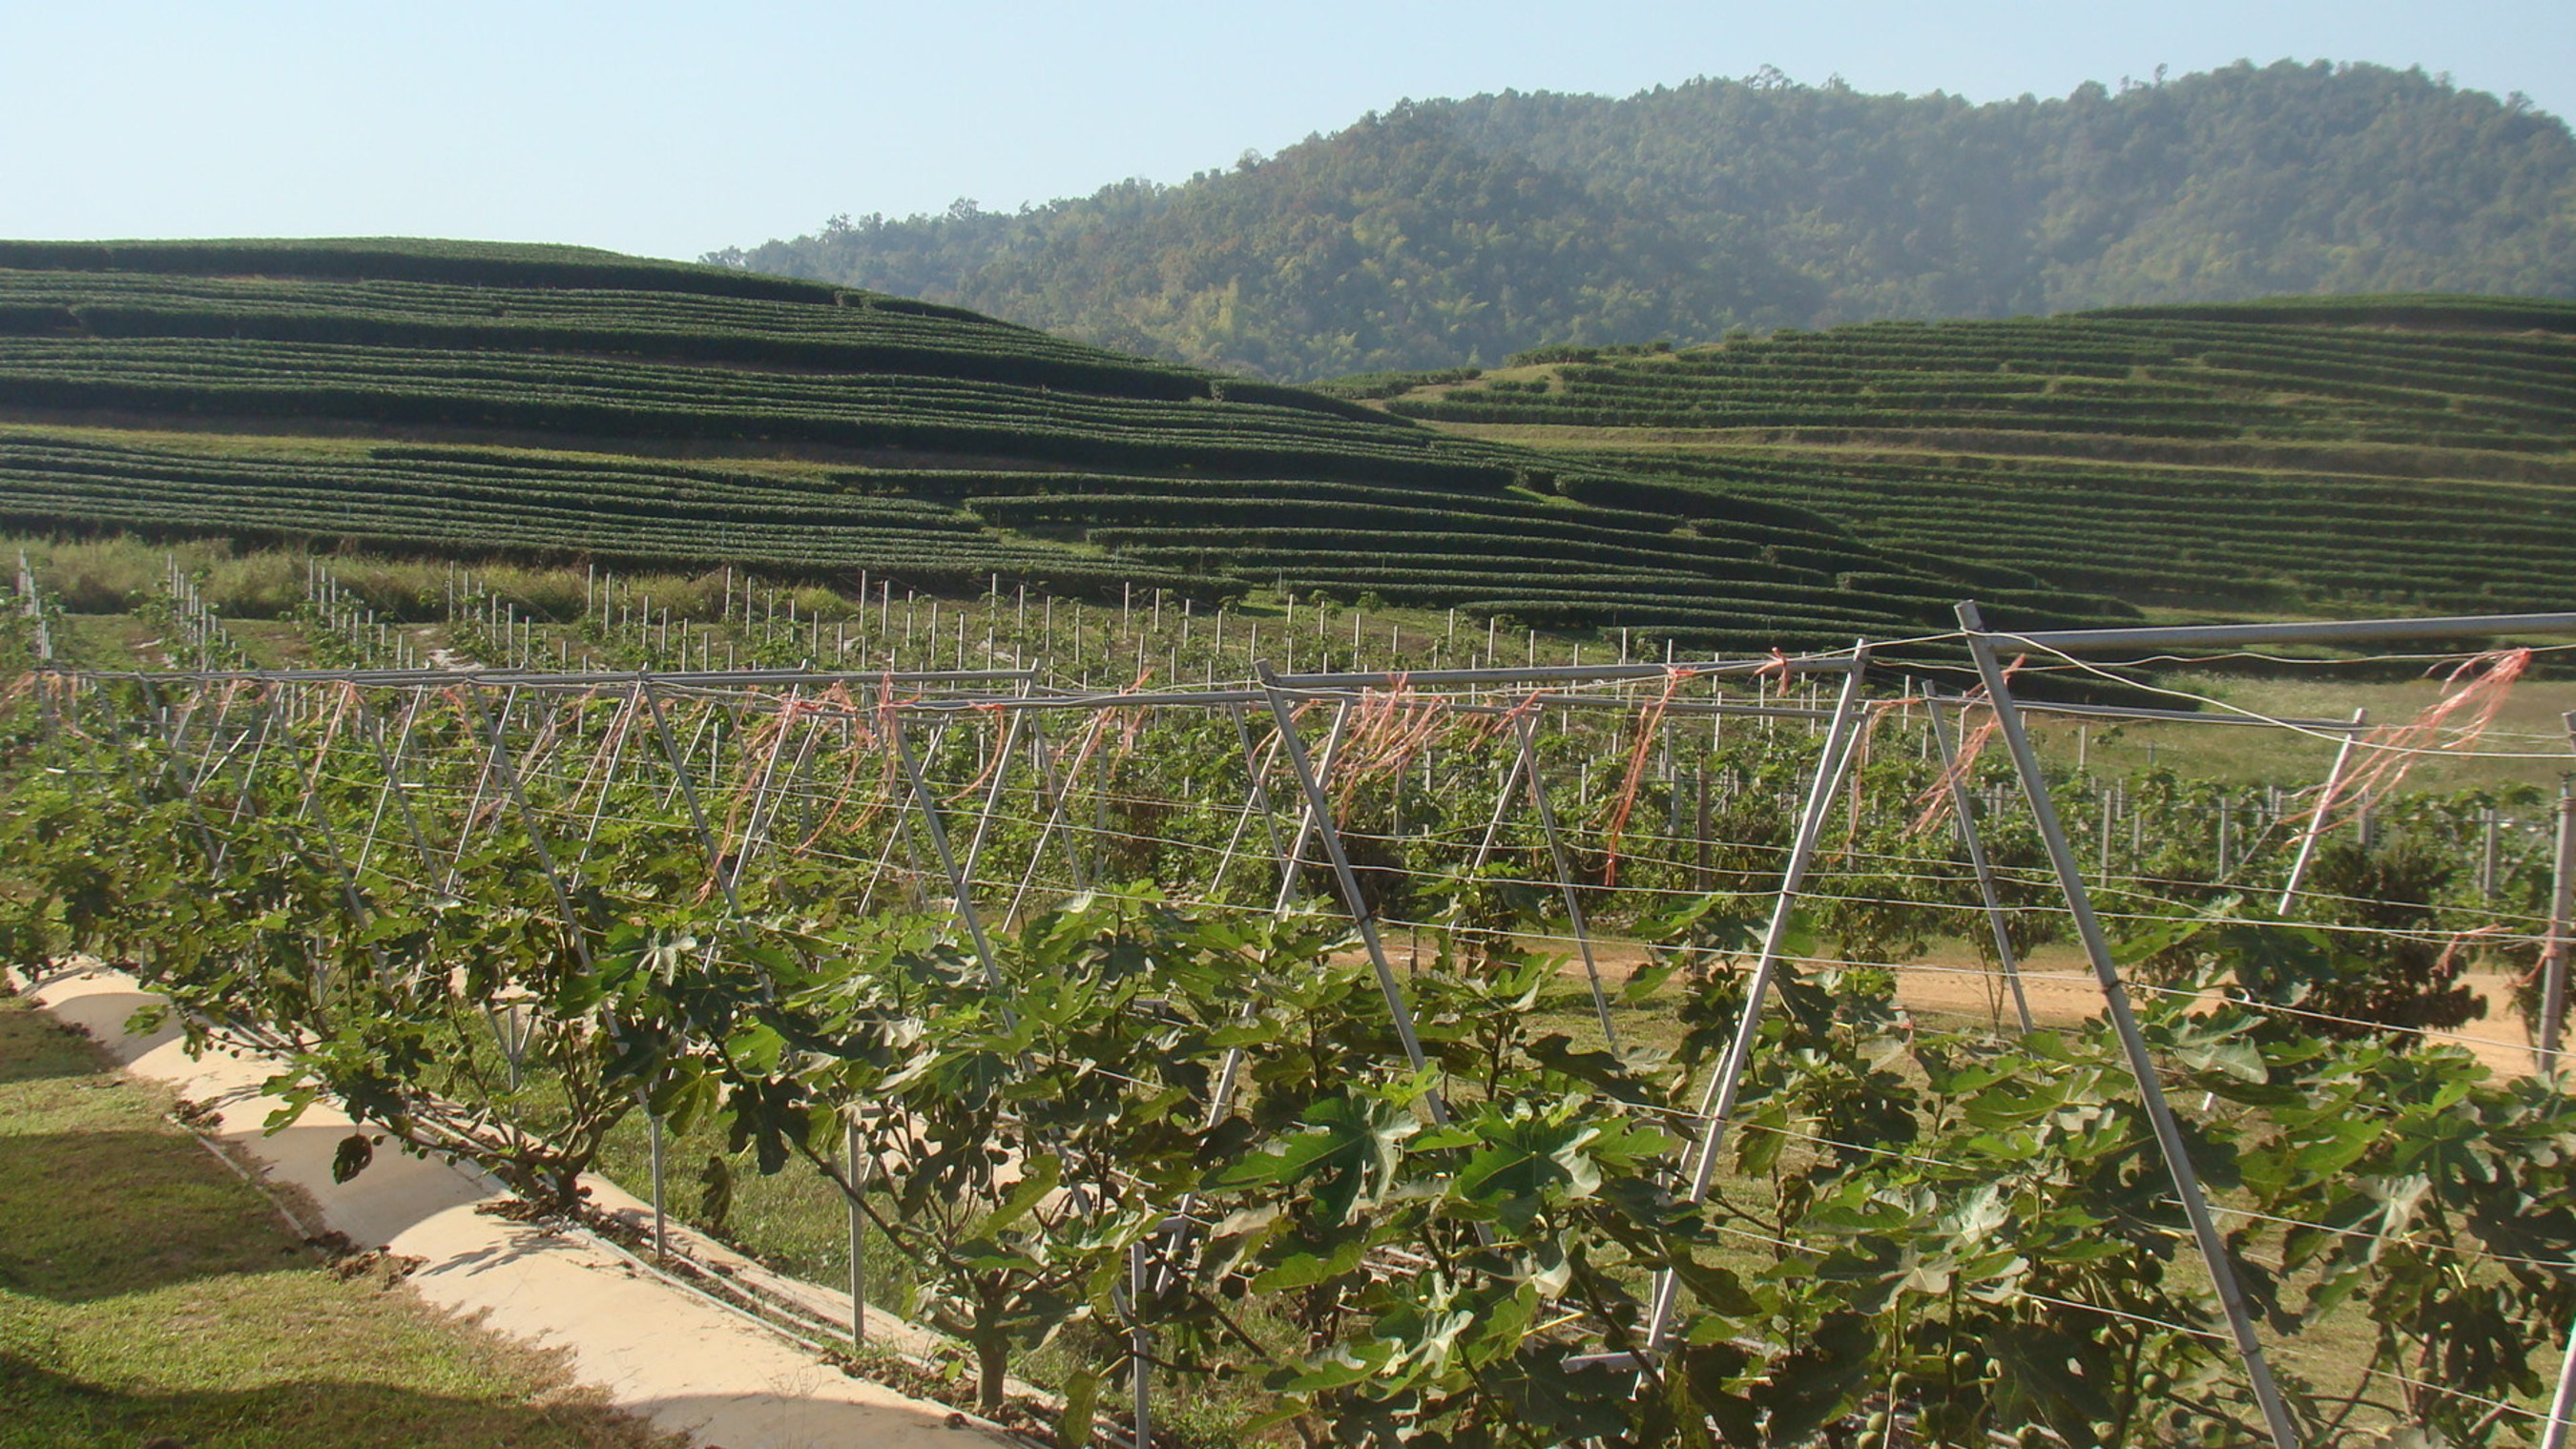 Singha Park -- ein soziales Projekt, um Bauern im Norden Thailands zu unterstützen